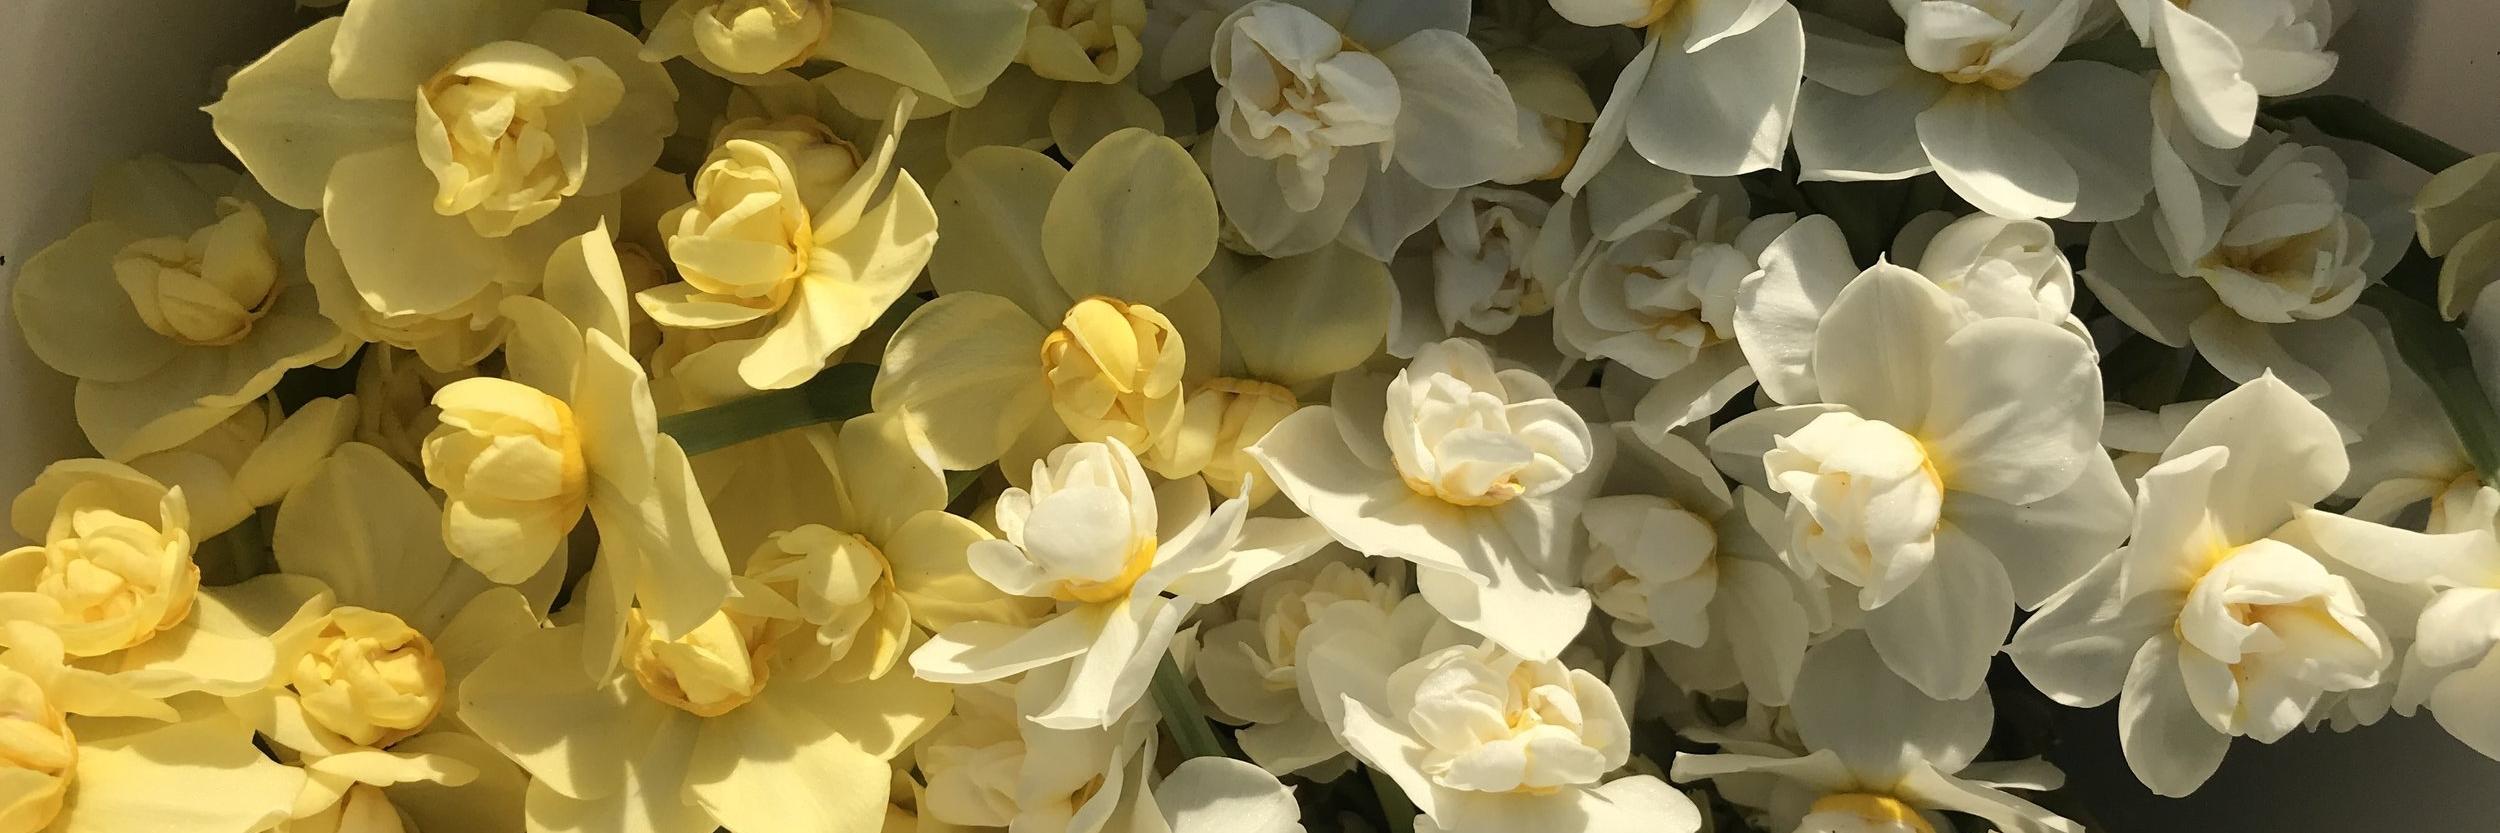 Narcissus - Cheerfulness.jpeg